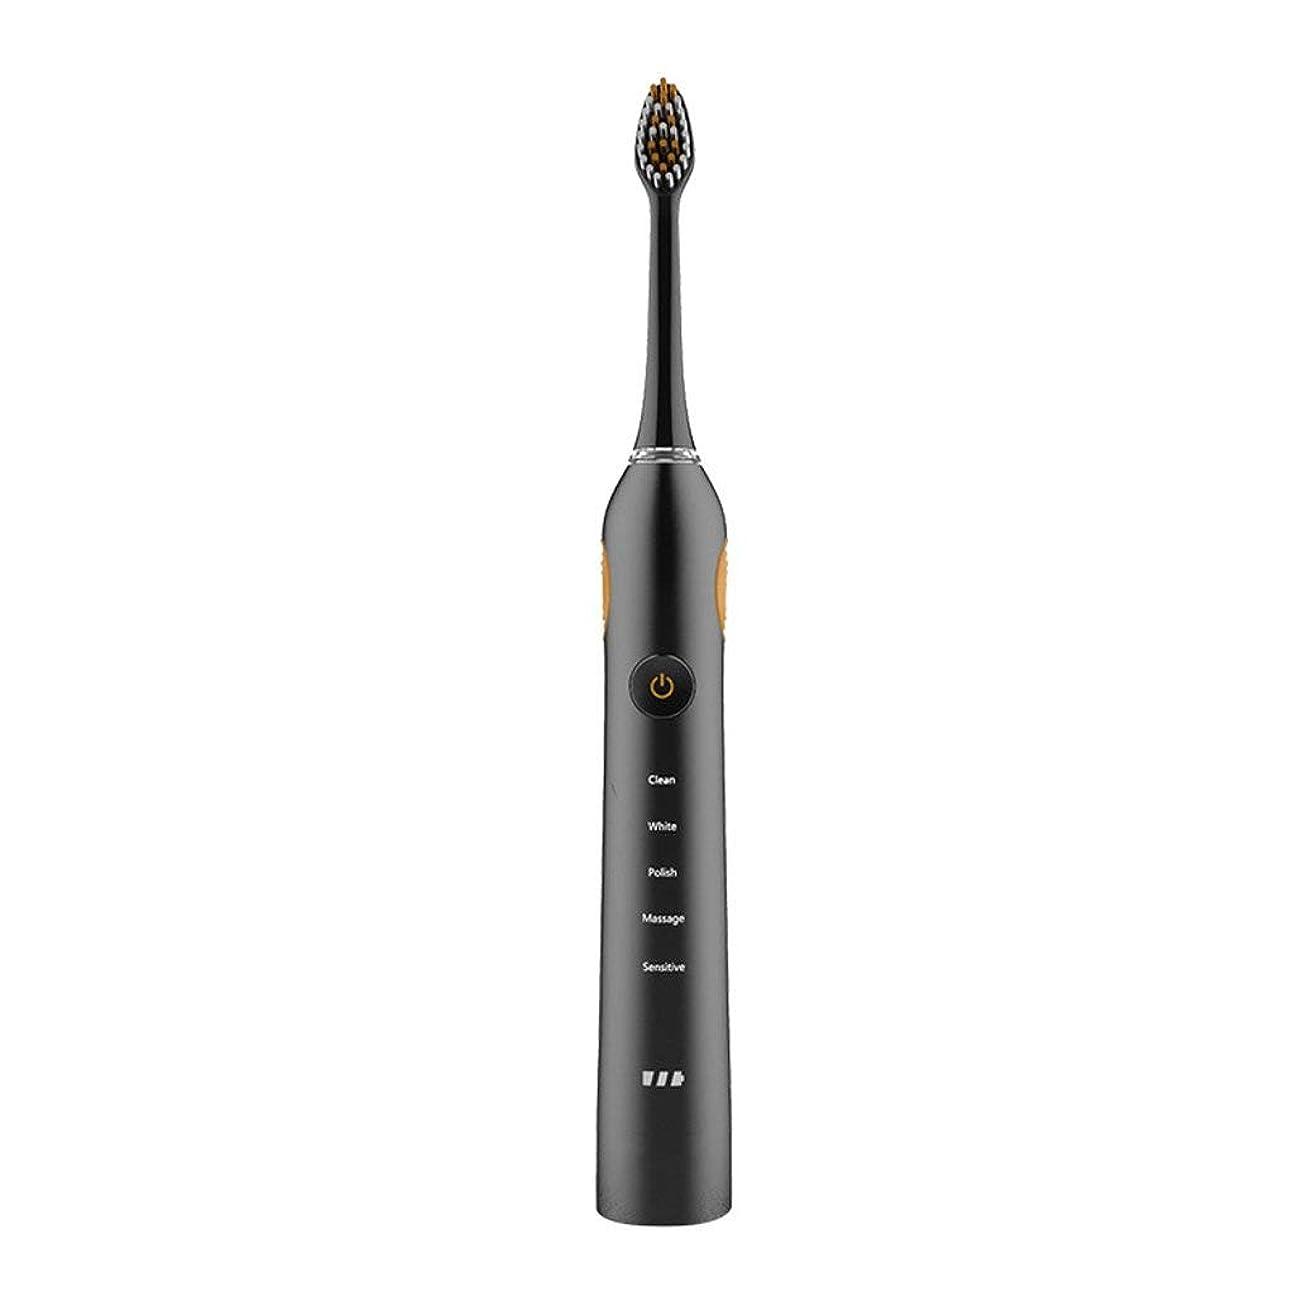 先のことを考える熱望するダメージ音波歯ブラシIPX7防水電動歯ブラシ低ノイズ電動歯ブラシ2交換ヘッド5ブラッシングモード(色:B)